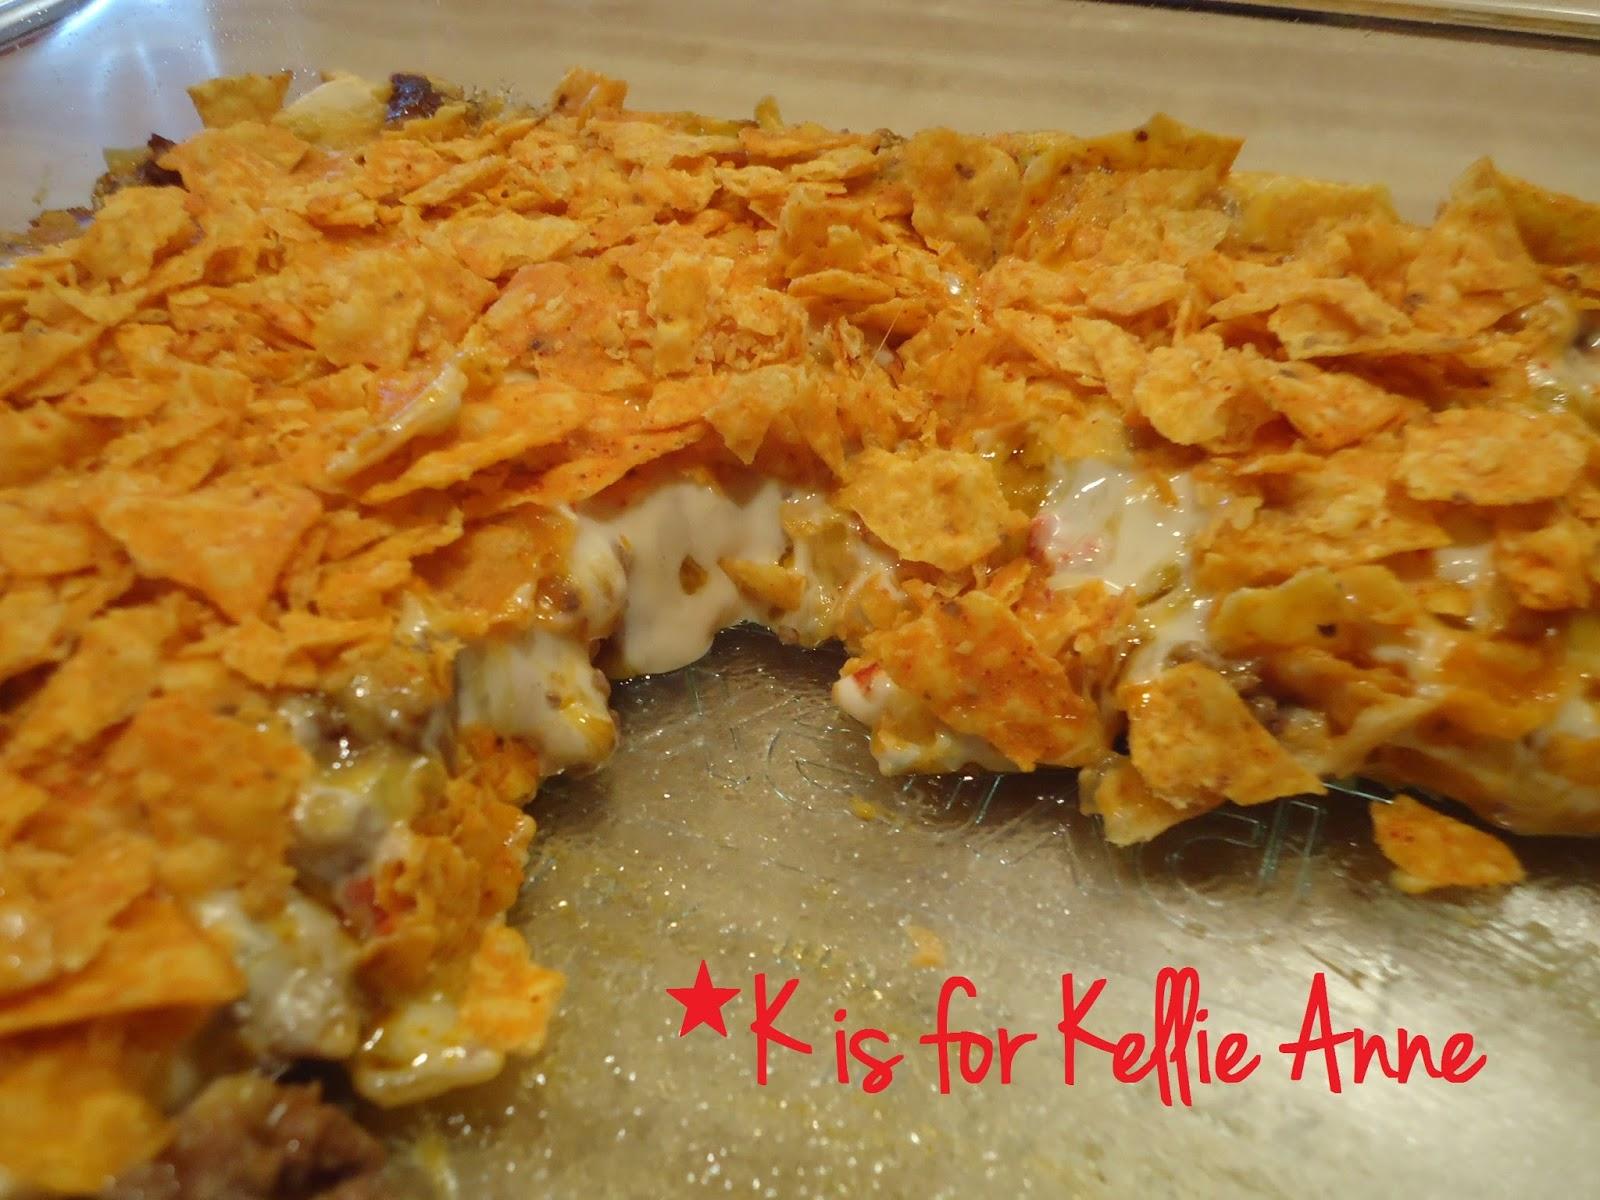 K is for Kellie Anne: DORITOS® Taco Bake